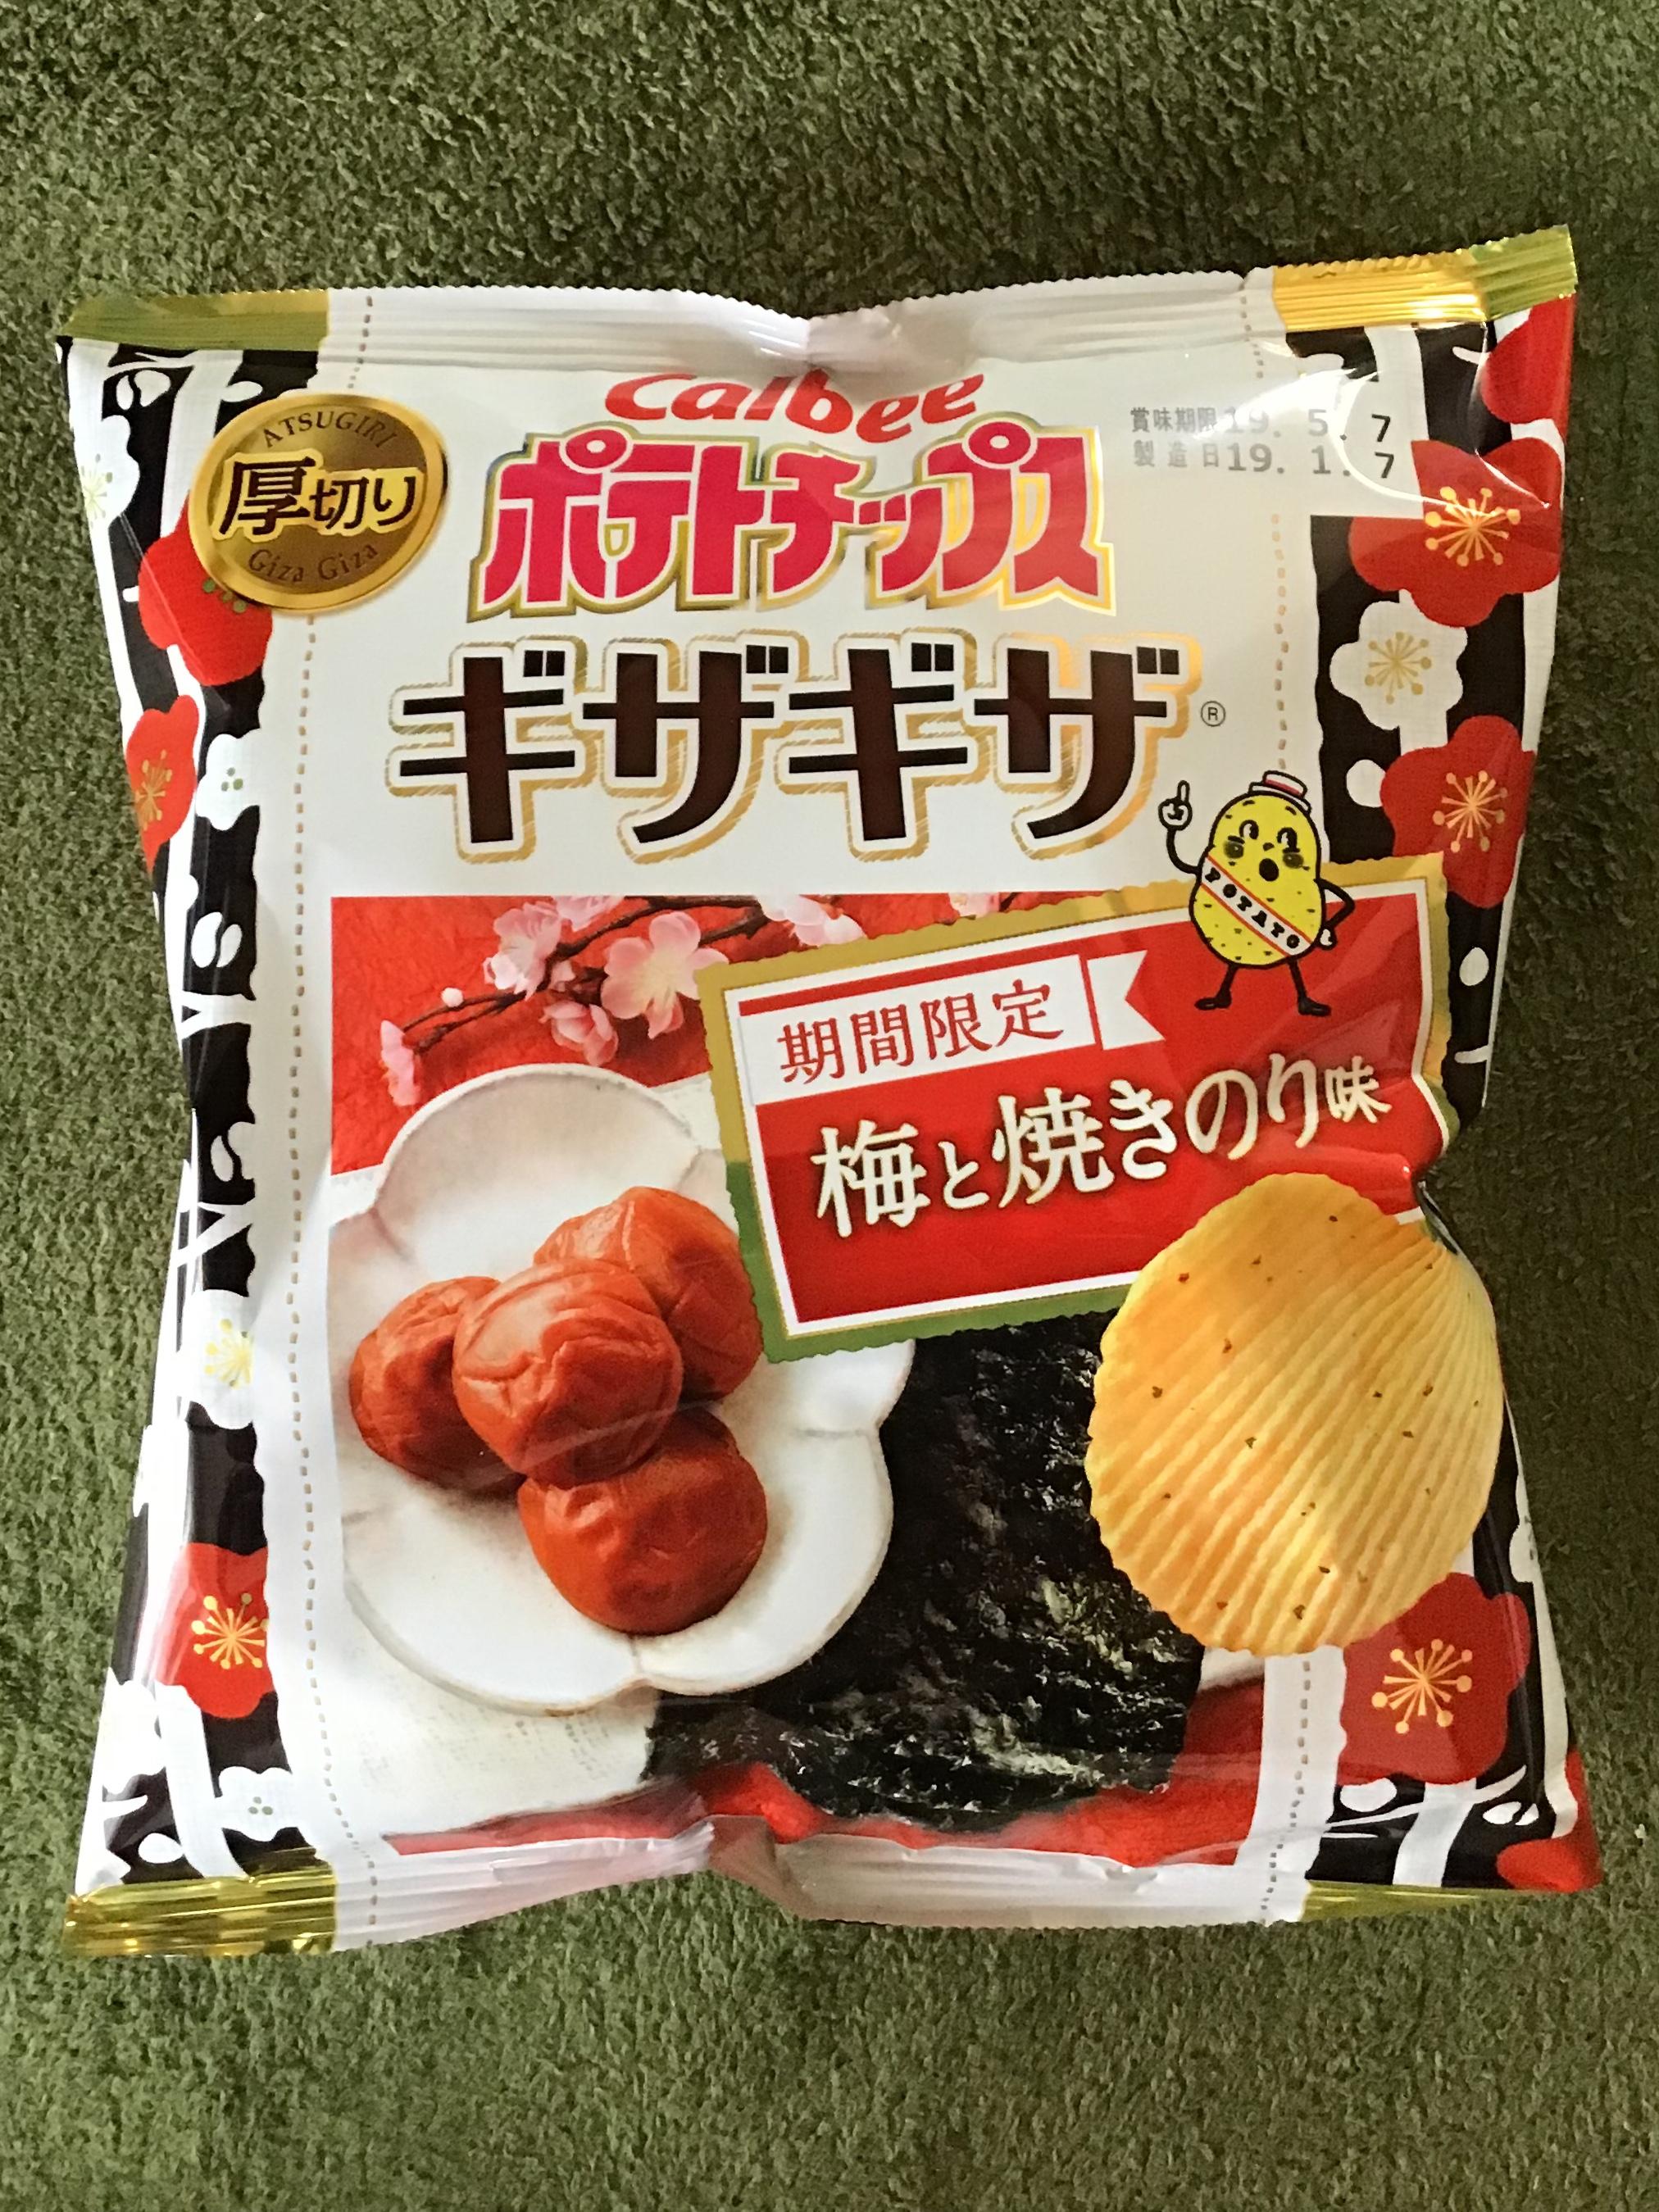 Calbee's Gizagiza(ギザギザ) Ume Nori chips